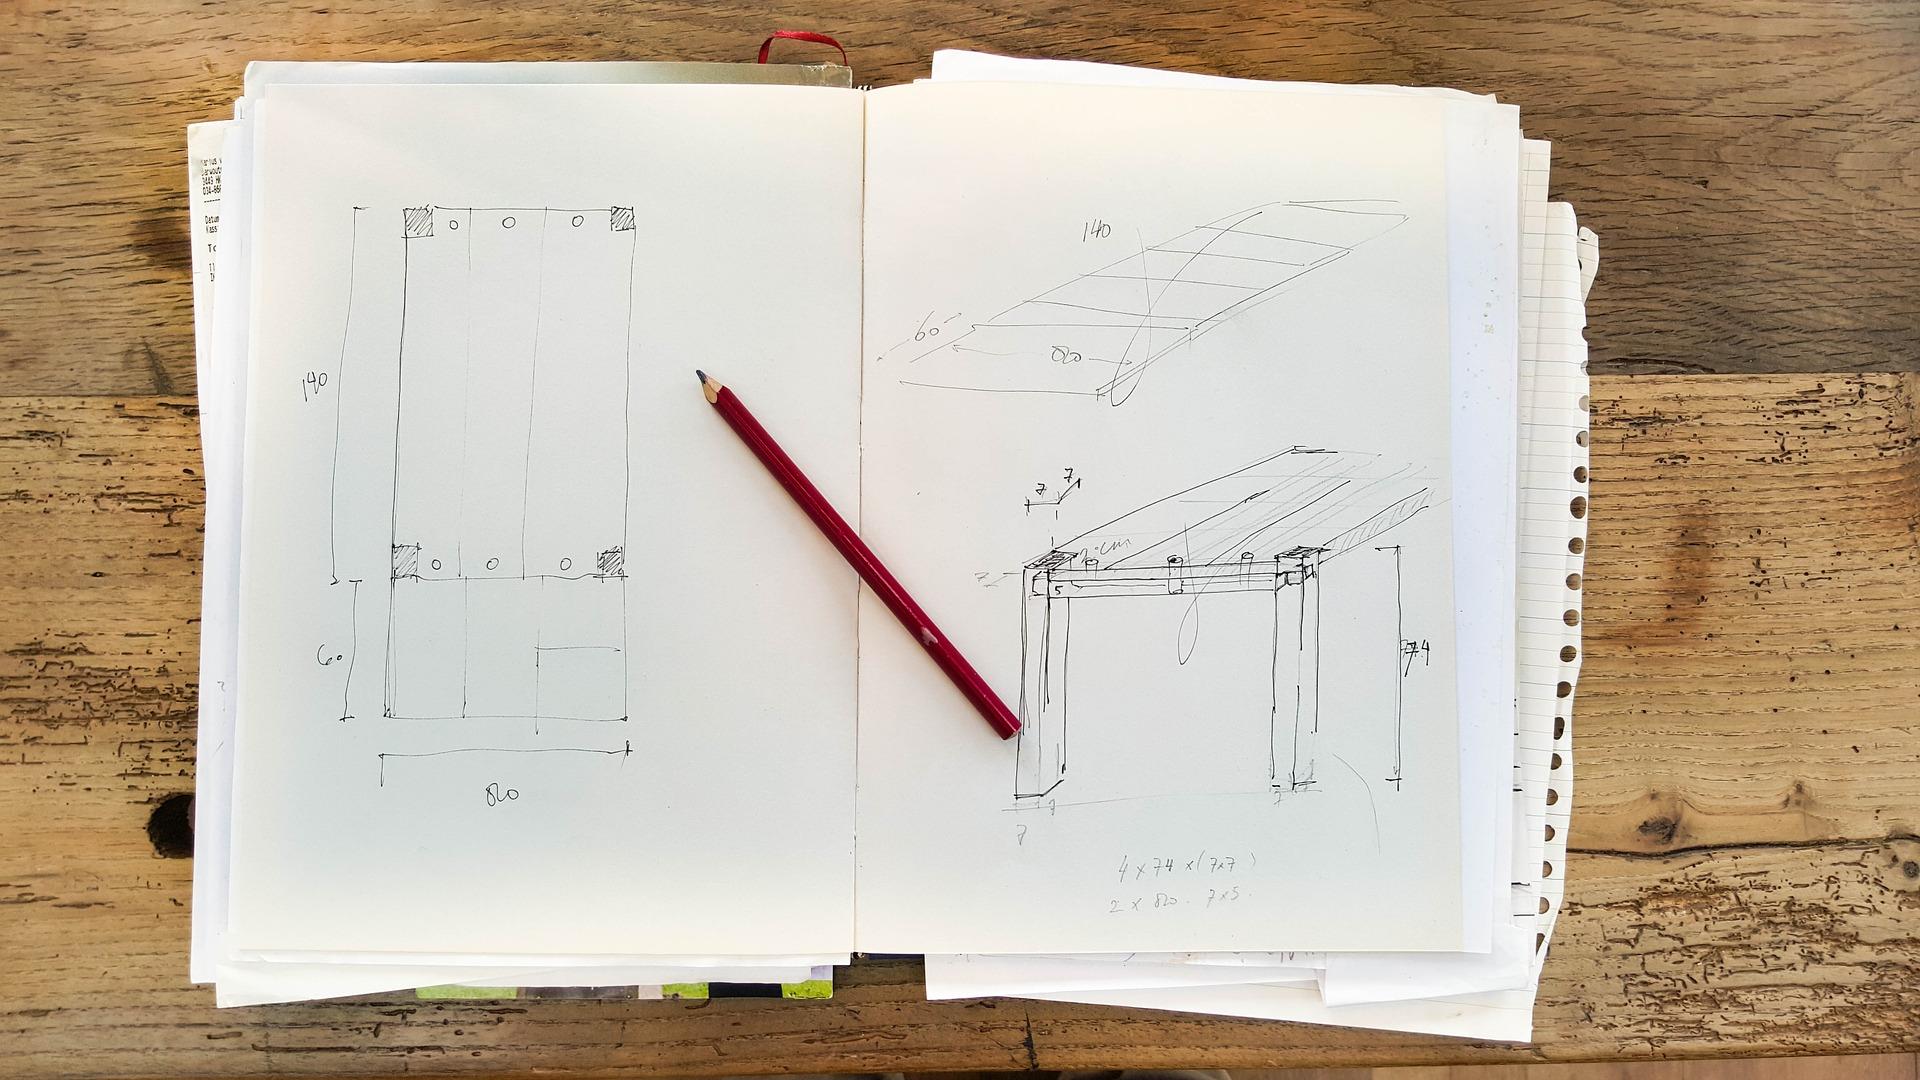 sketch-1446715_1920